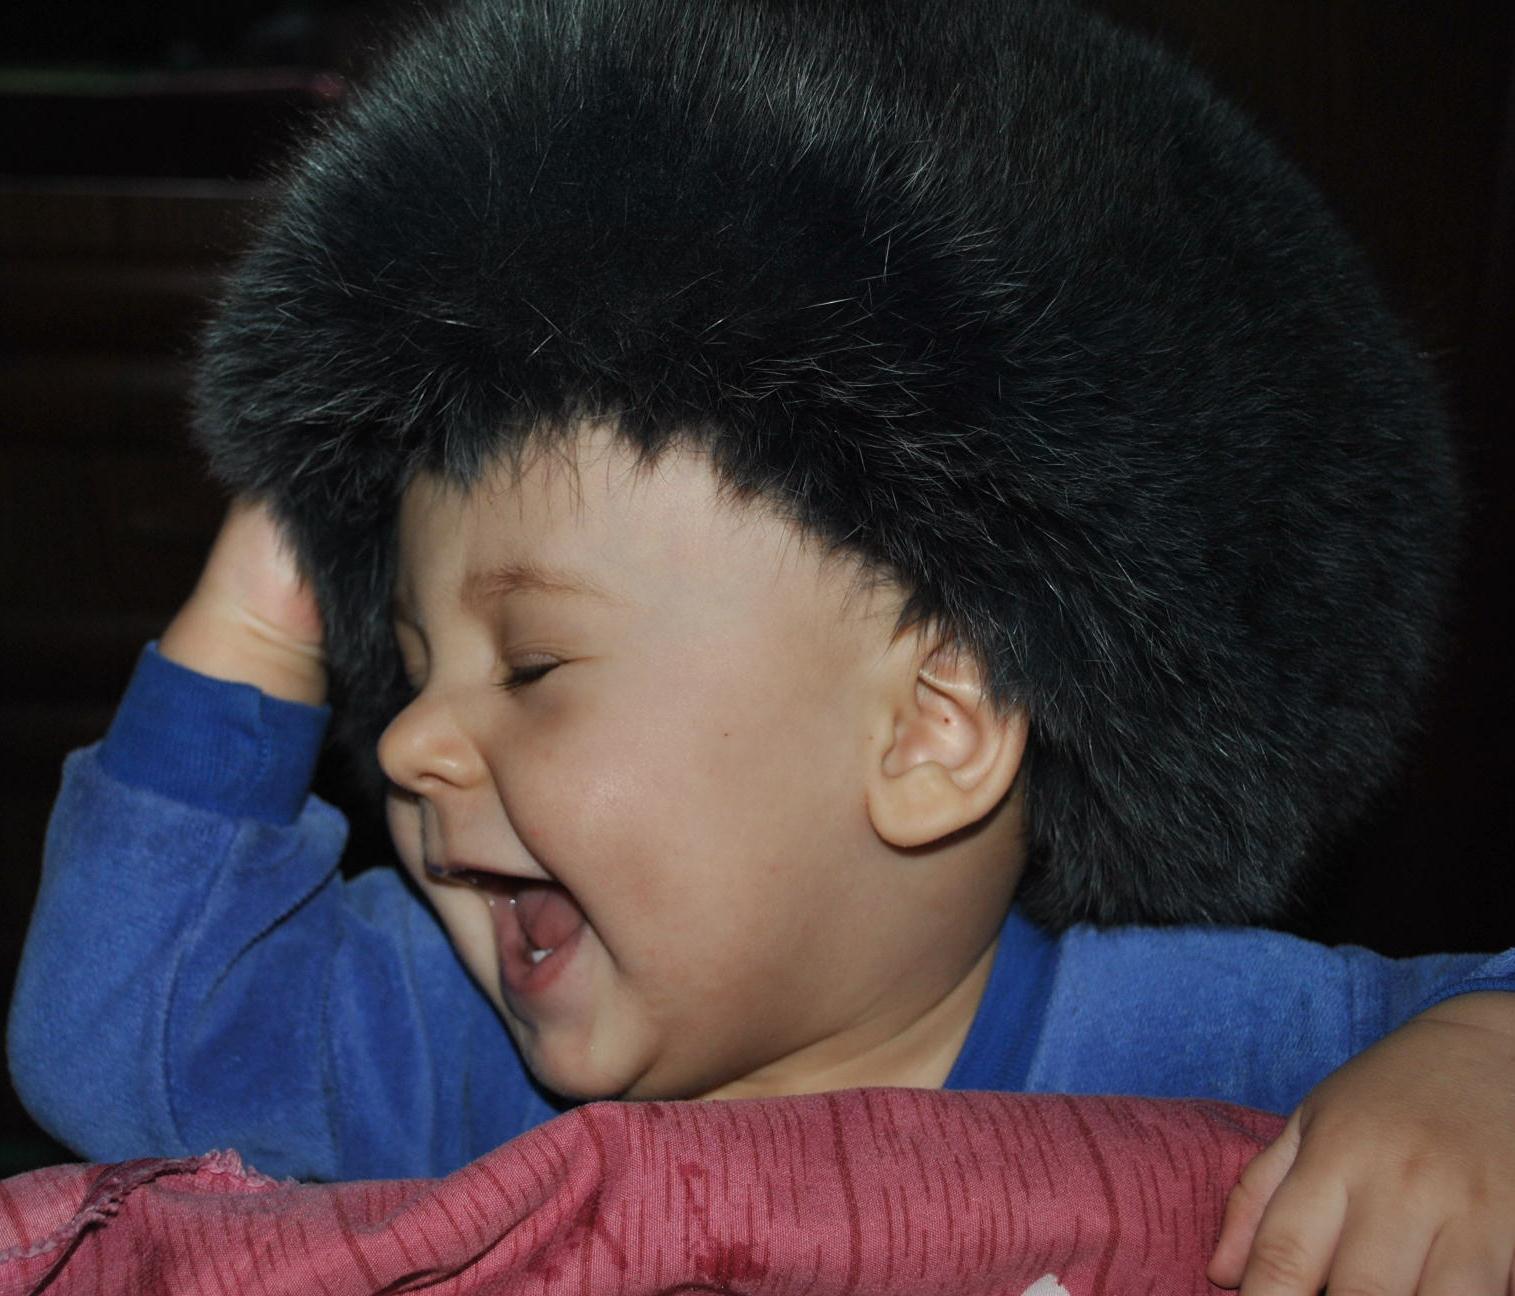 Все-таки примеряю бабушкину шапку :). Наш любимый озорник